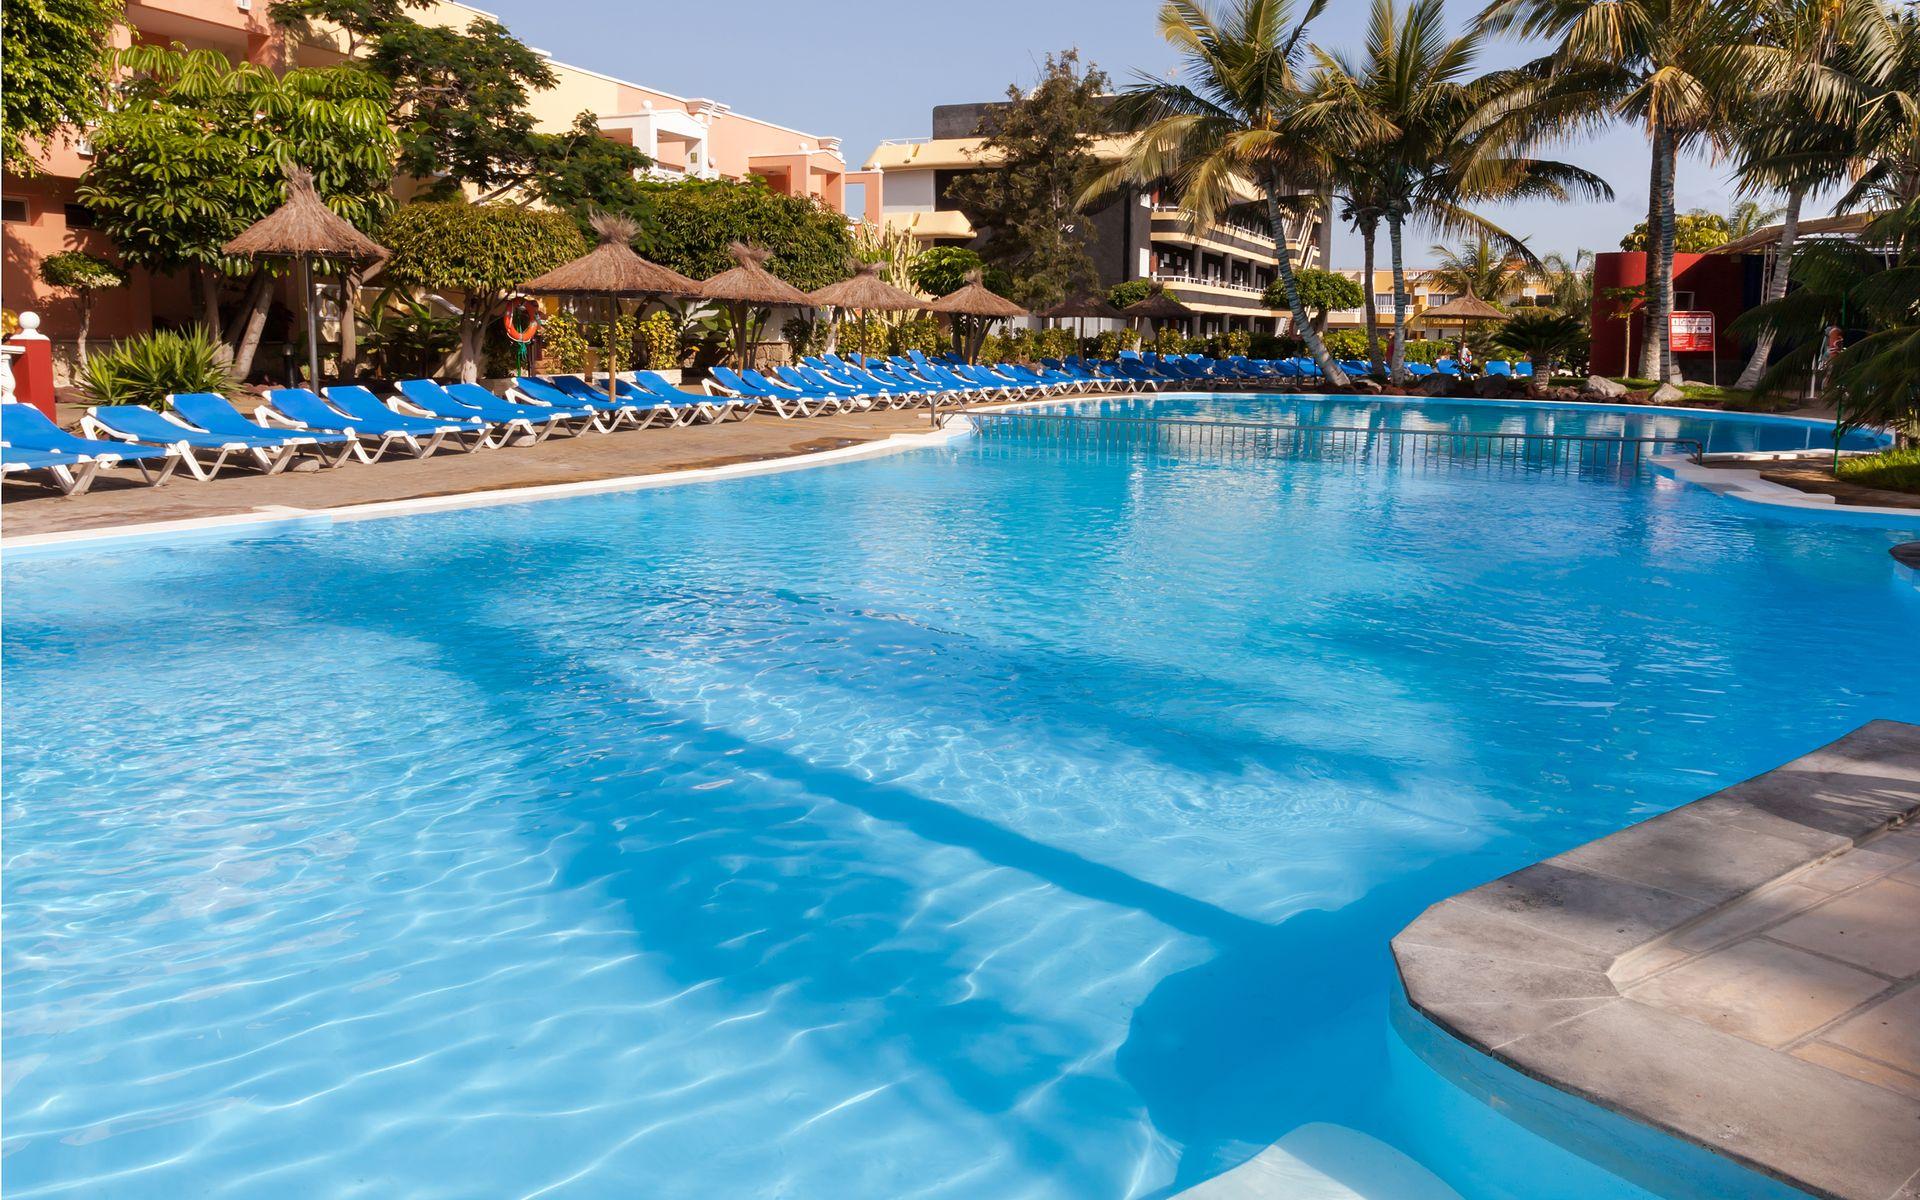 Hotel allegro isora en puerto de santiago los gigantes for Piscina natural de puerto santiago